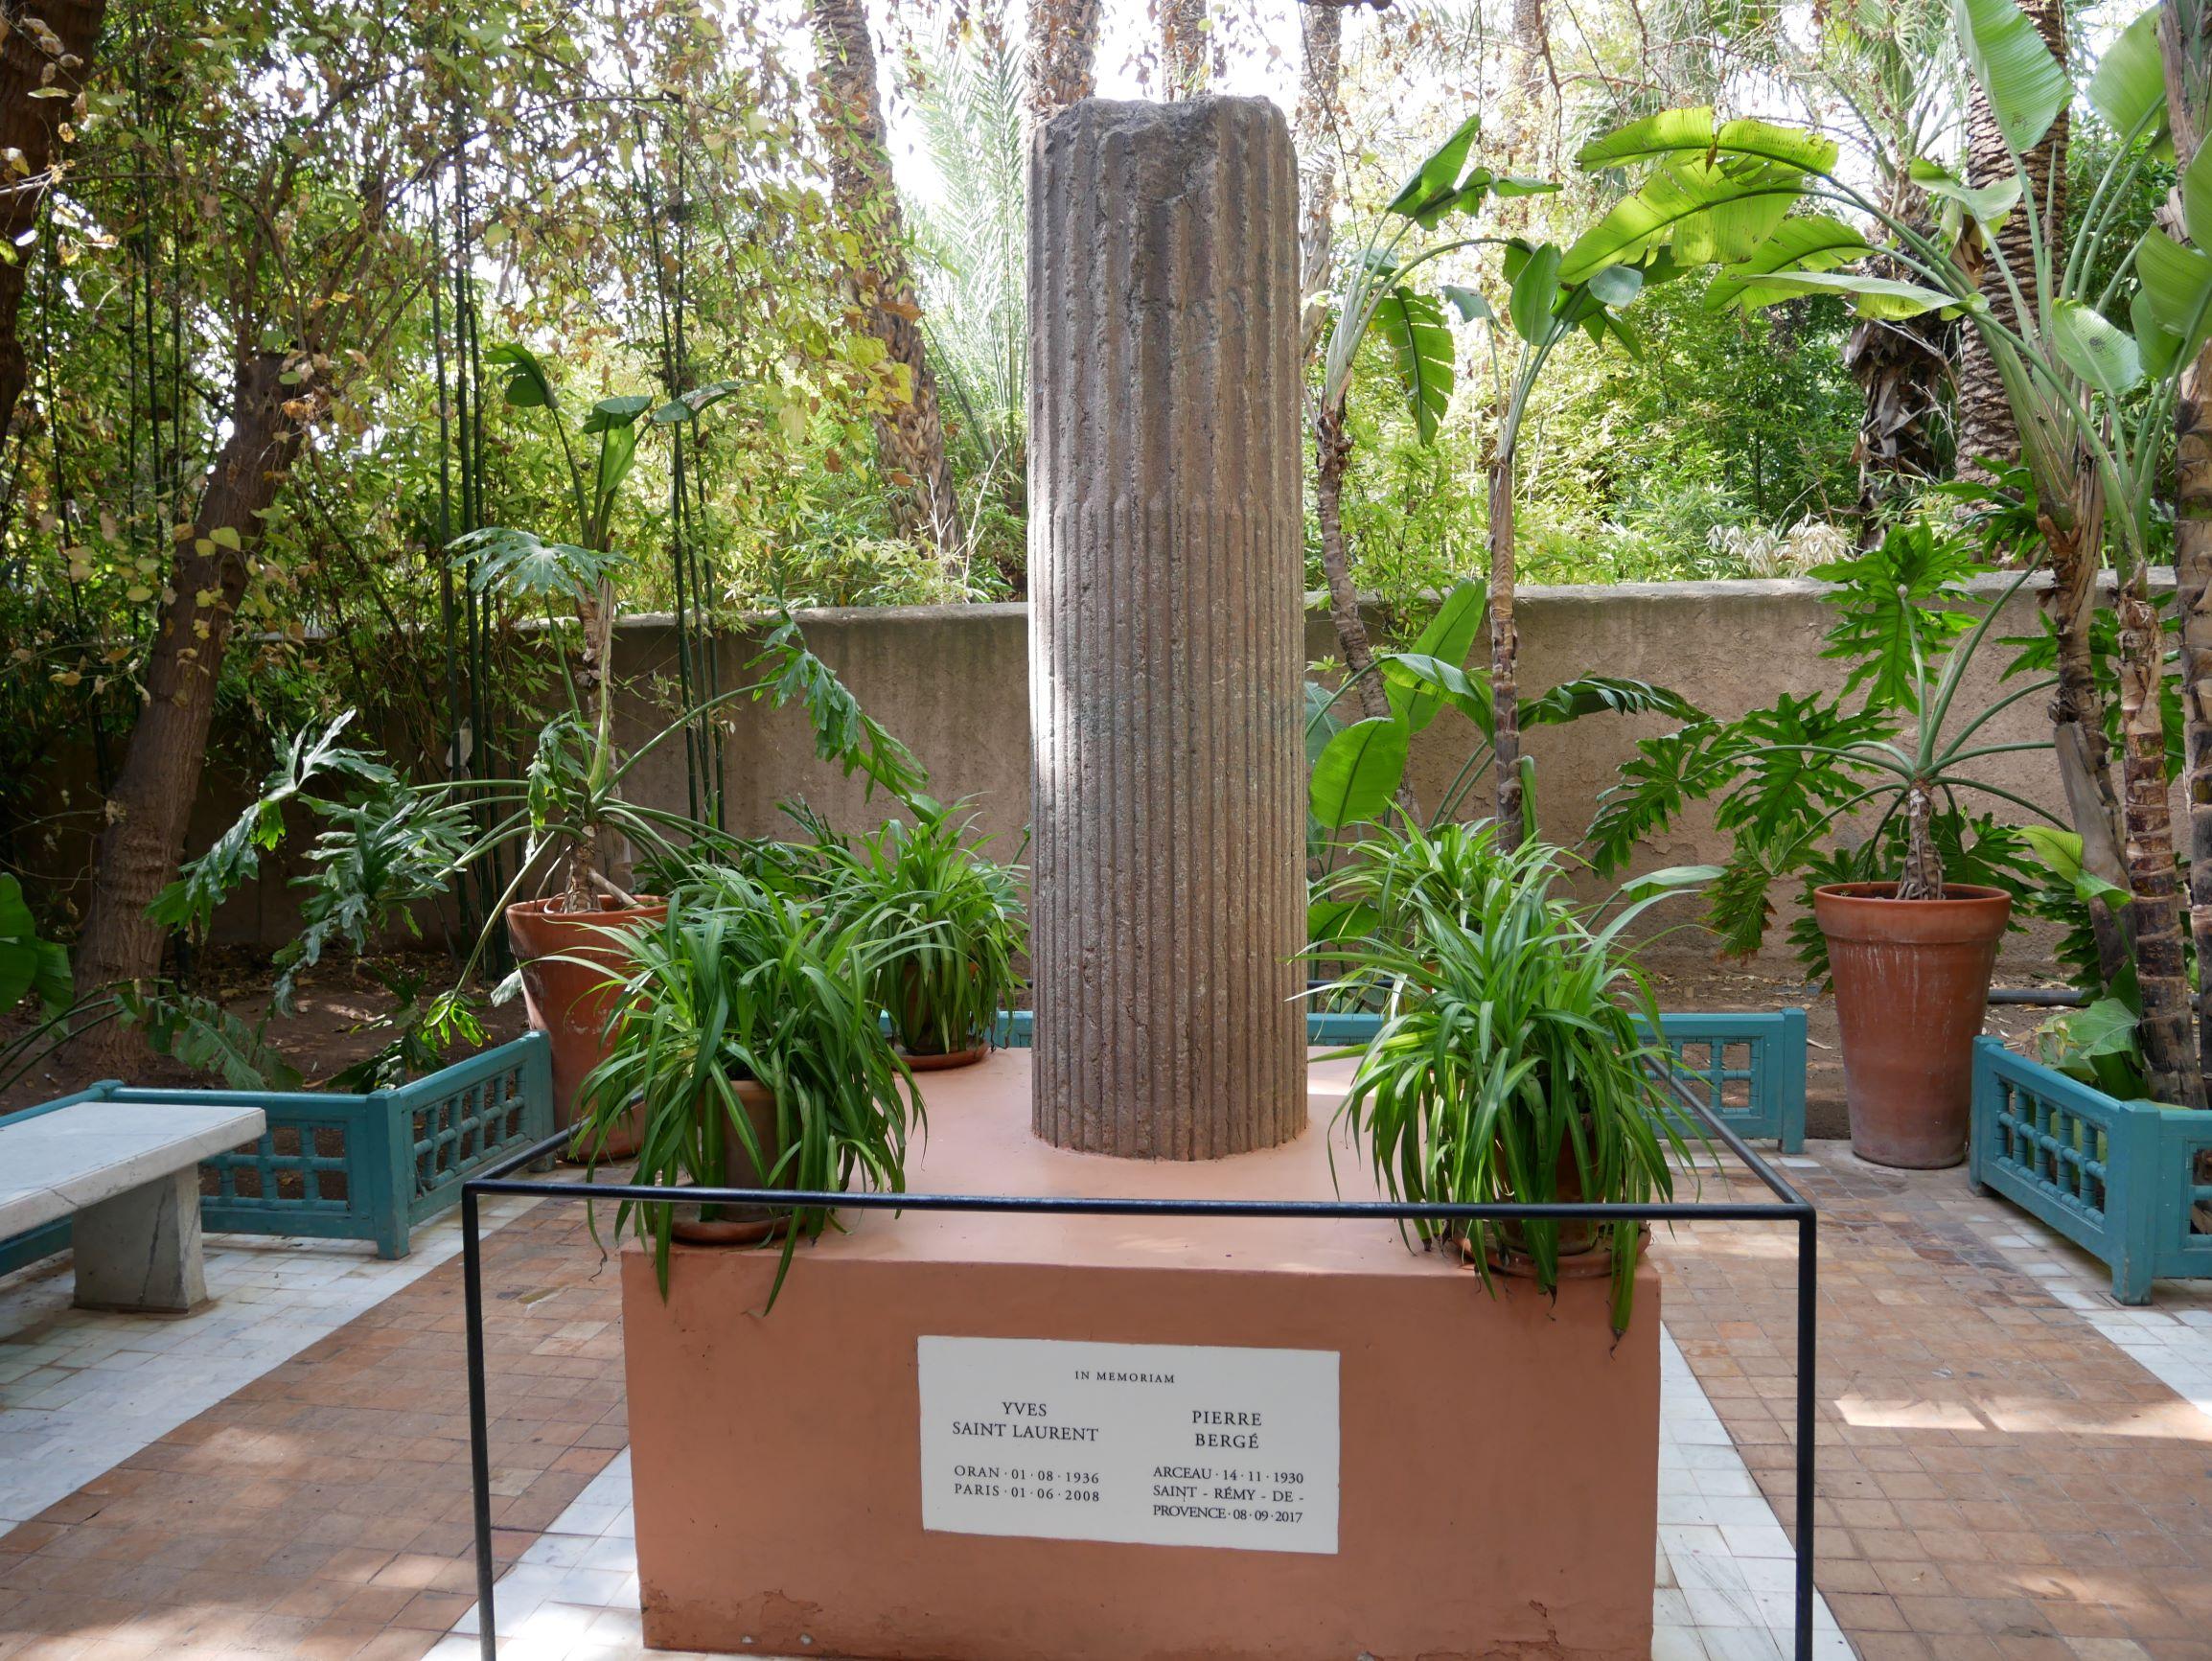 聖羅蘭去世後的紀念碑